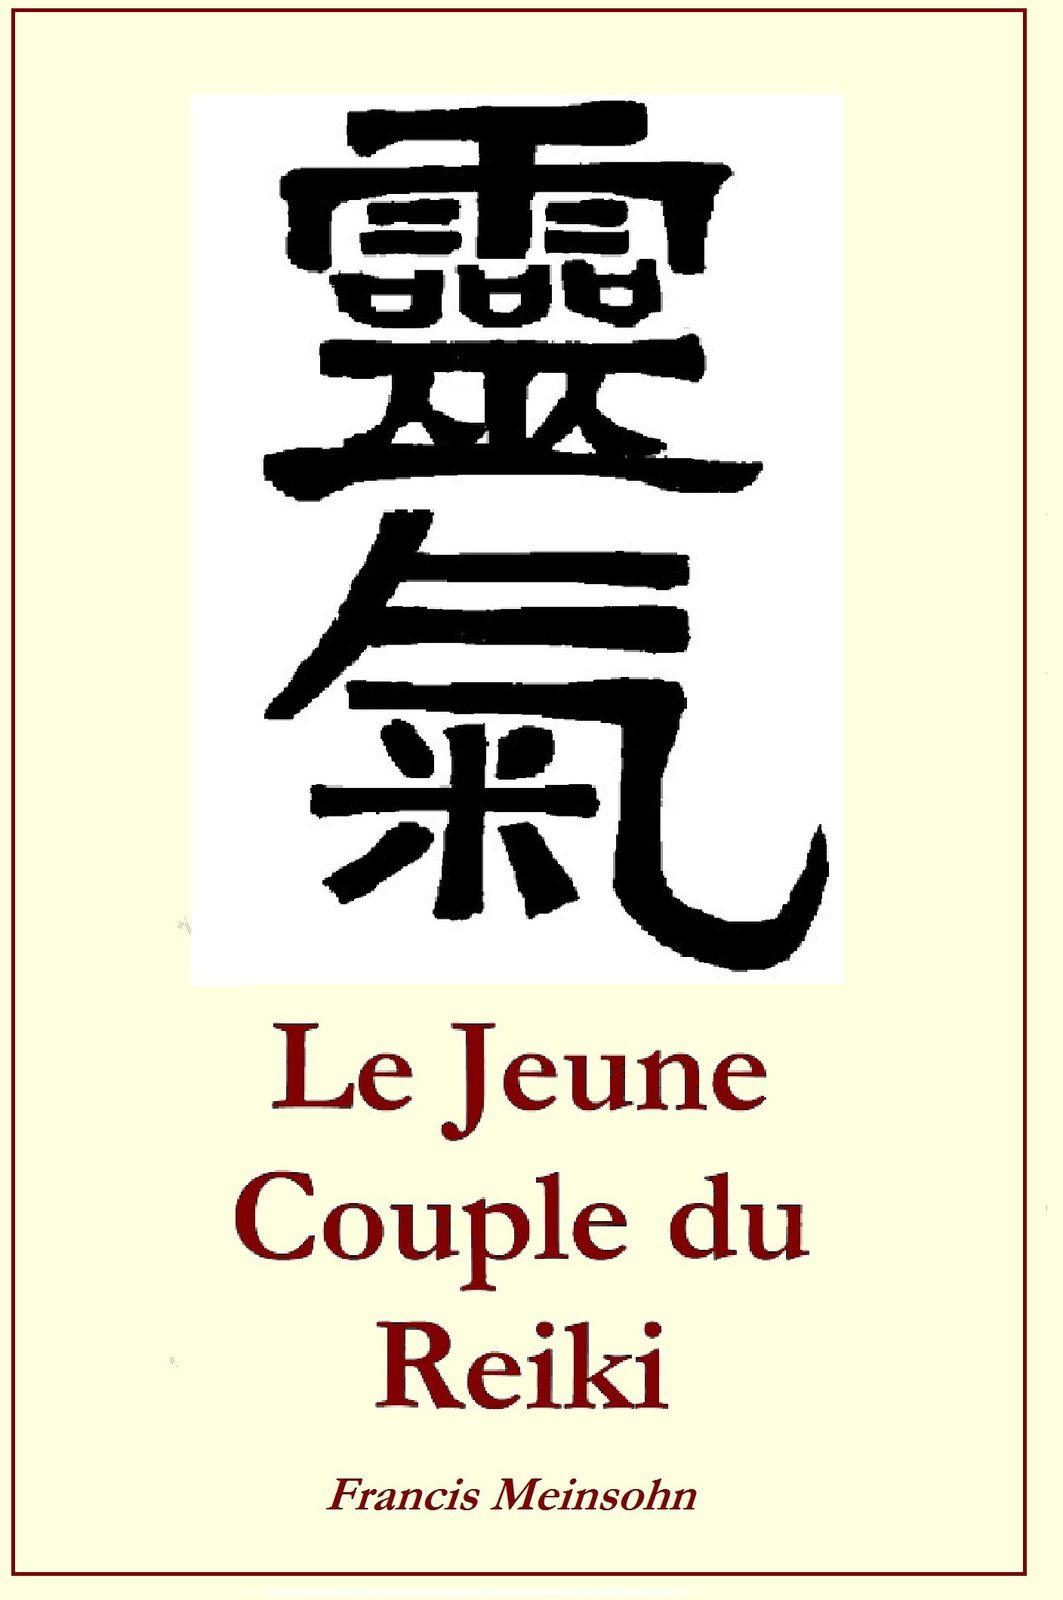 Le Jeune Couple du Reiki